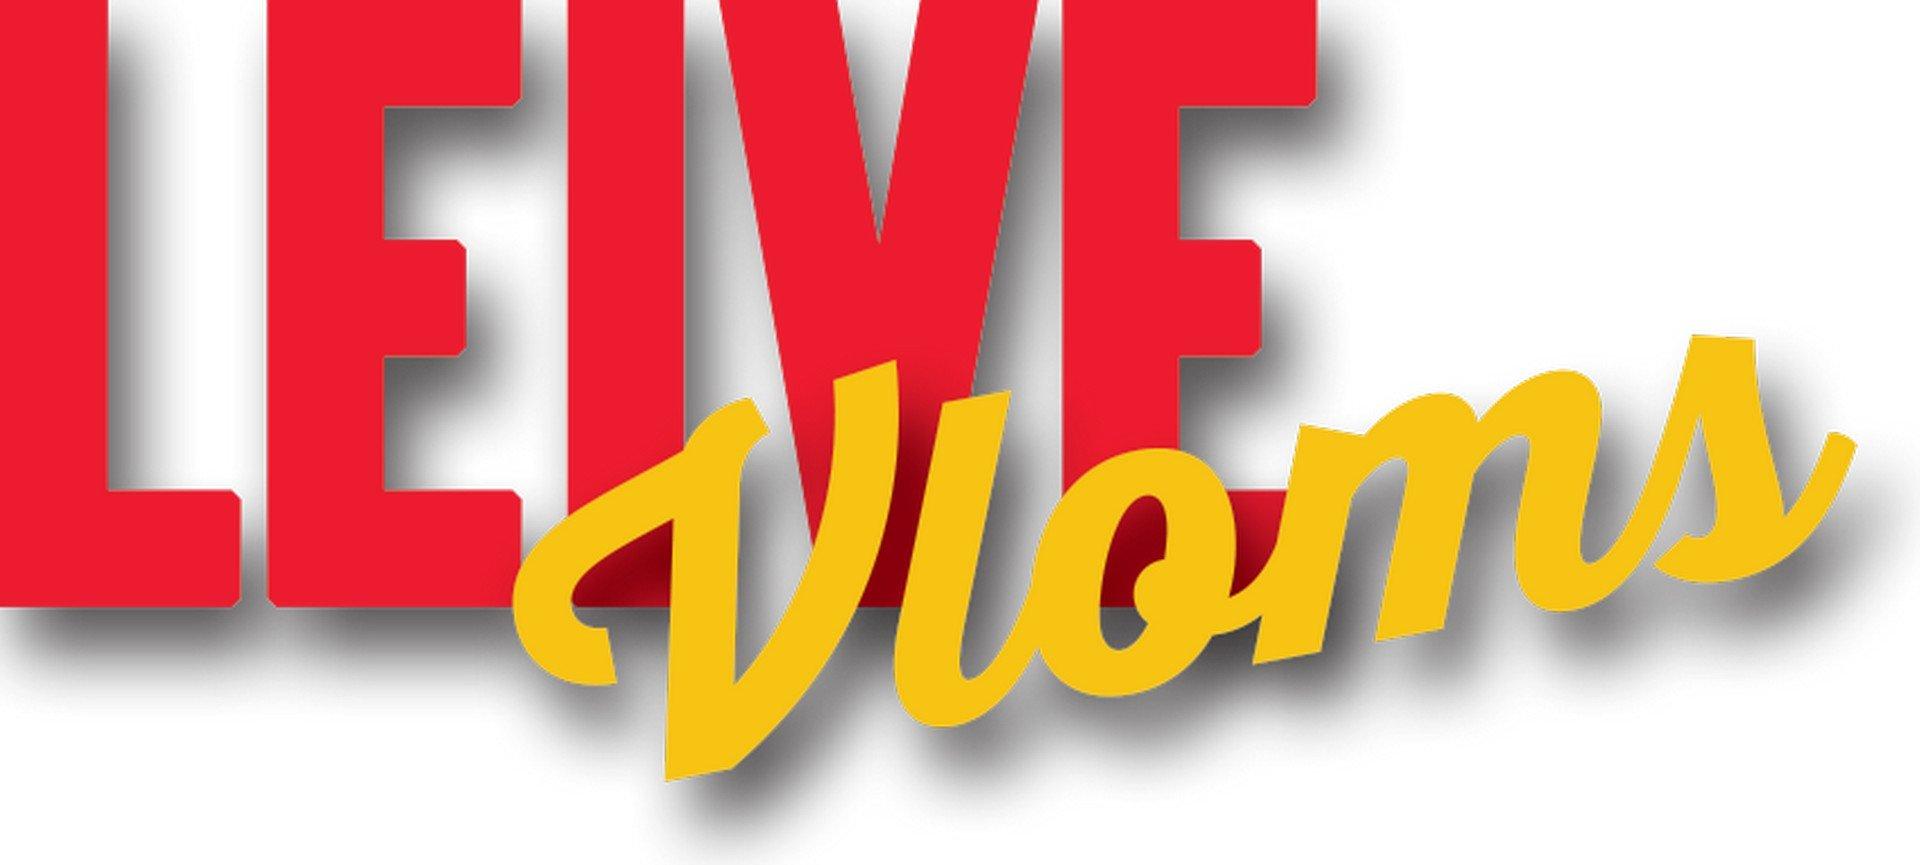 'Leive Vloms' brengt op 2 augustus een eerbetoon aan Paul Severs. - Leive Vloms 1